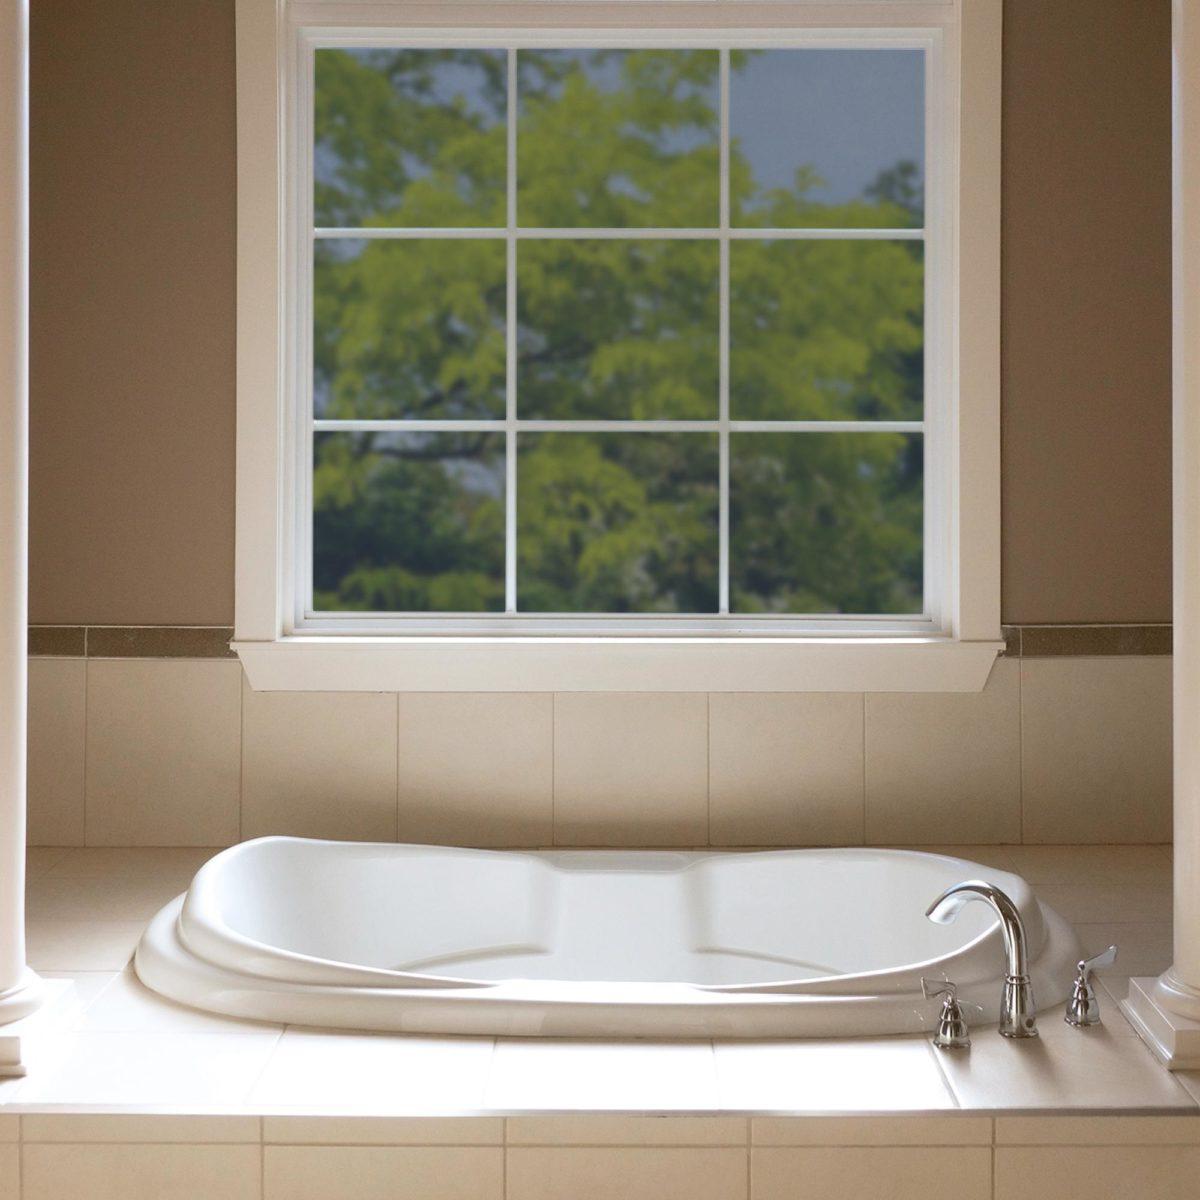 Pellicole specchio finestre - Pellicola a specchio per finestre ...